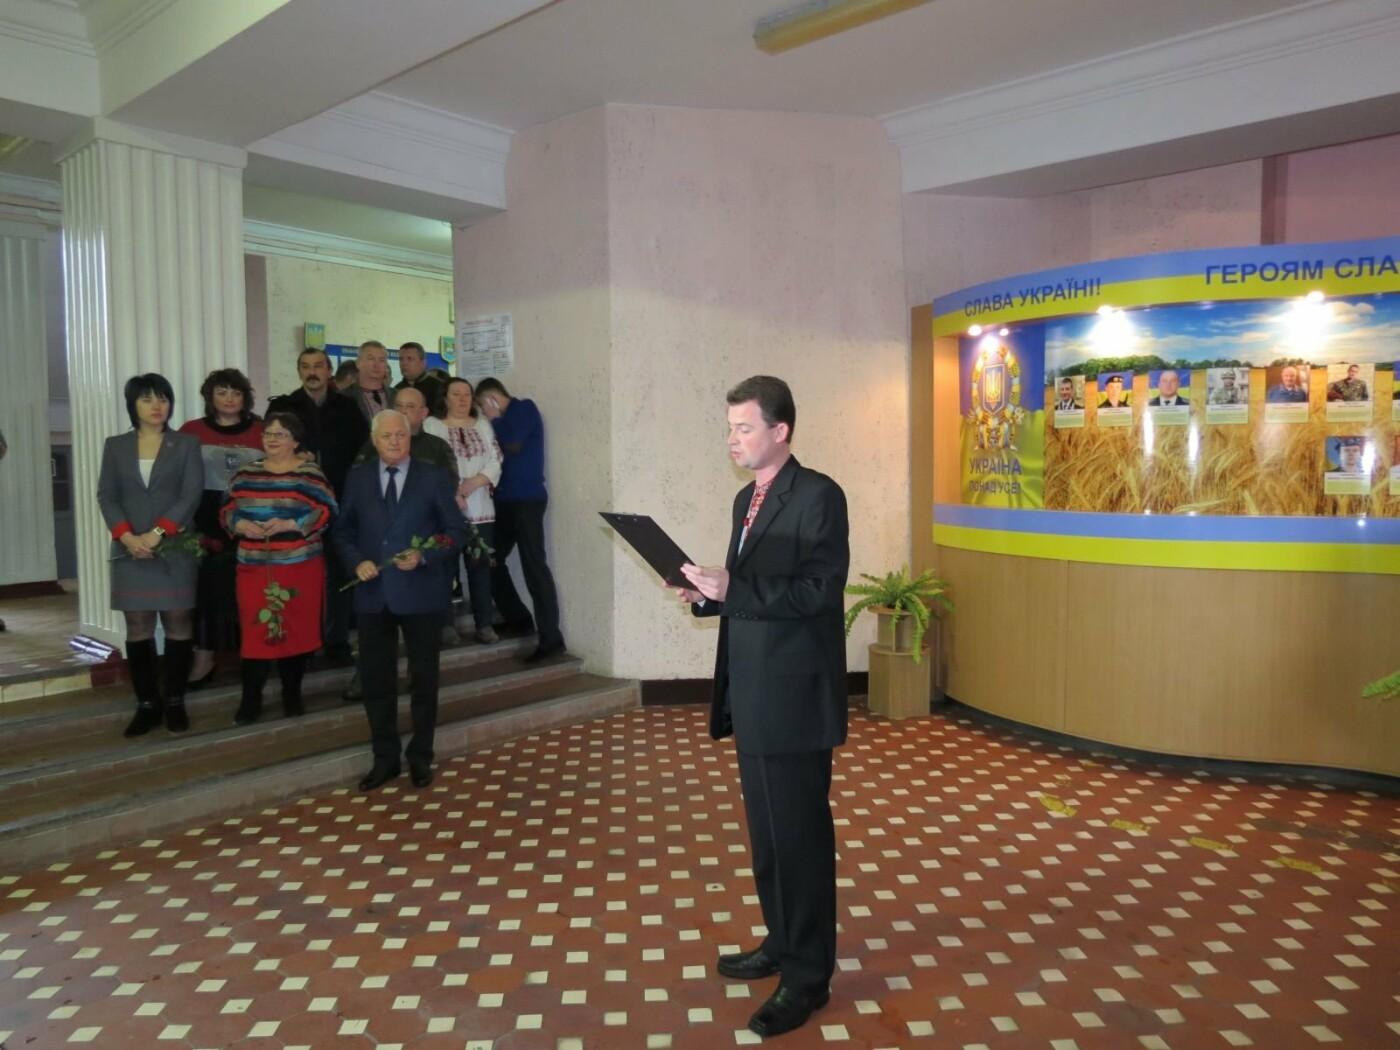 В Бердянске отметили 99 годовщину Акта объединения Украины (ФОТО), фото-1